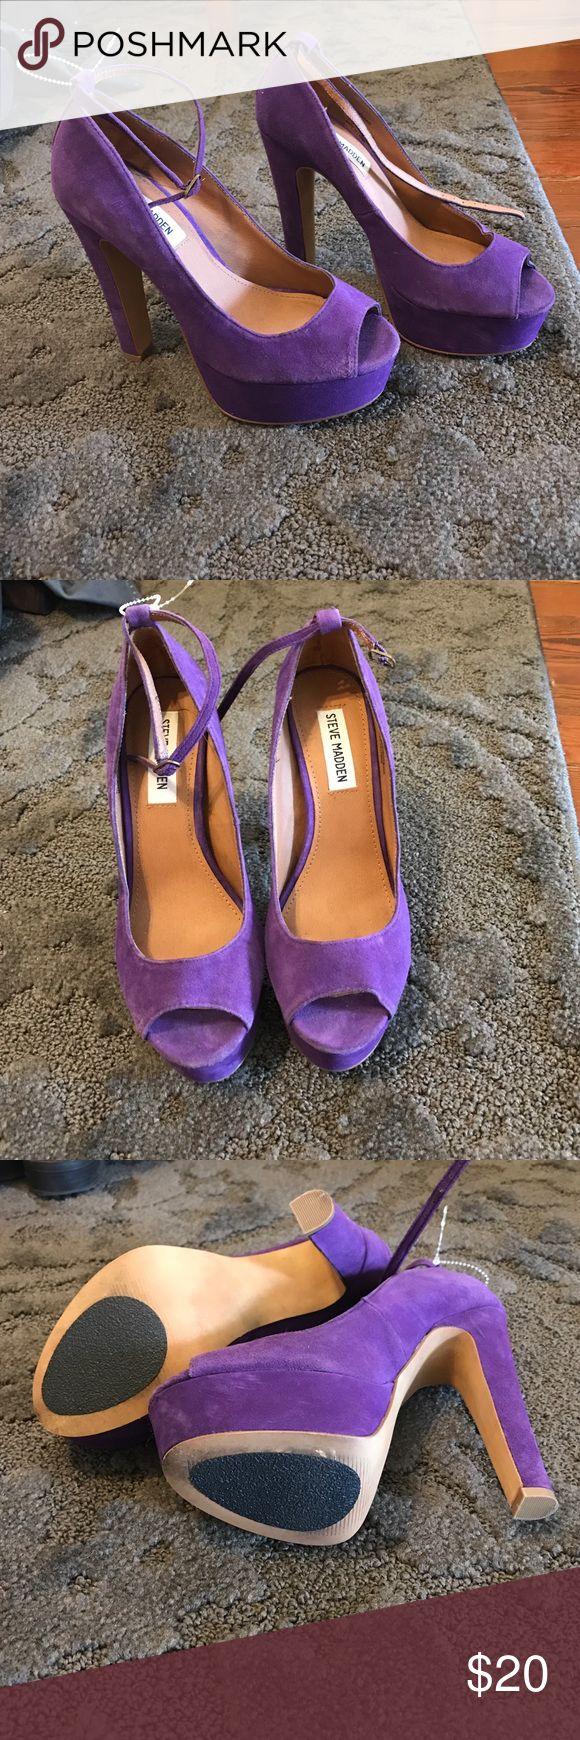 Steve Madden purple suede platform heels Steve Madden purple suede platform heels Steve Madden Shoes Platforms